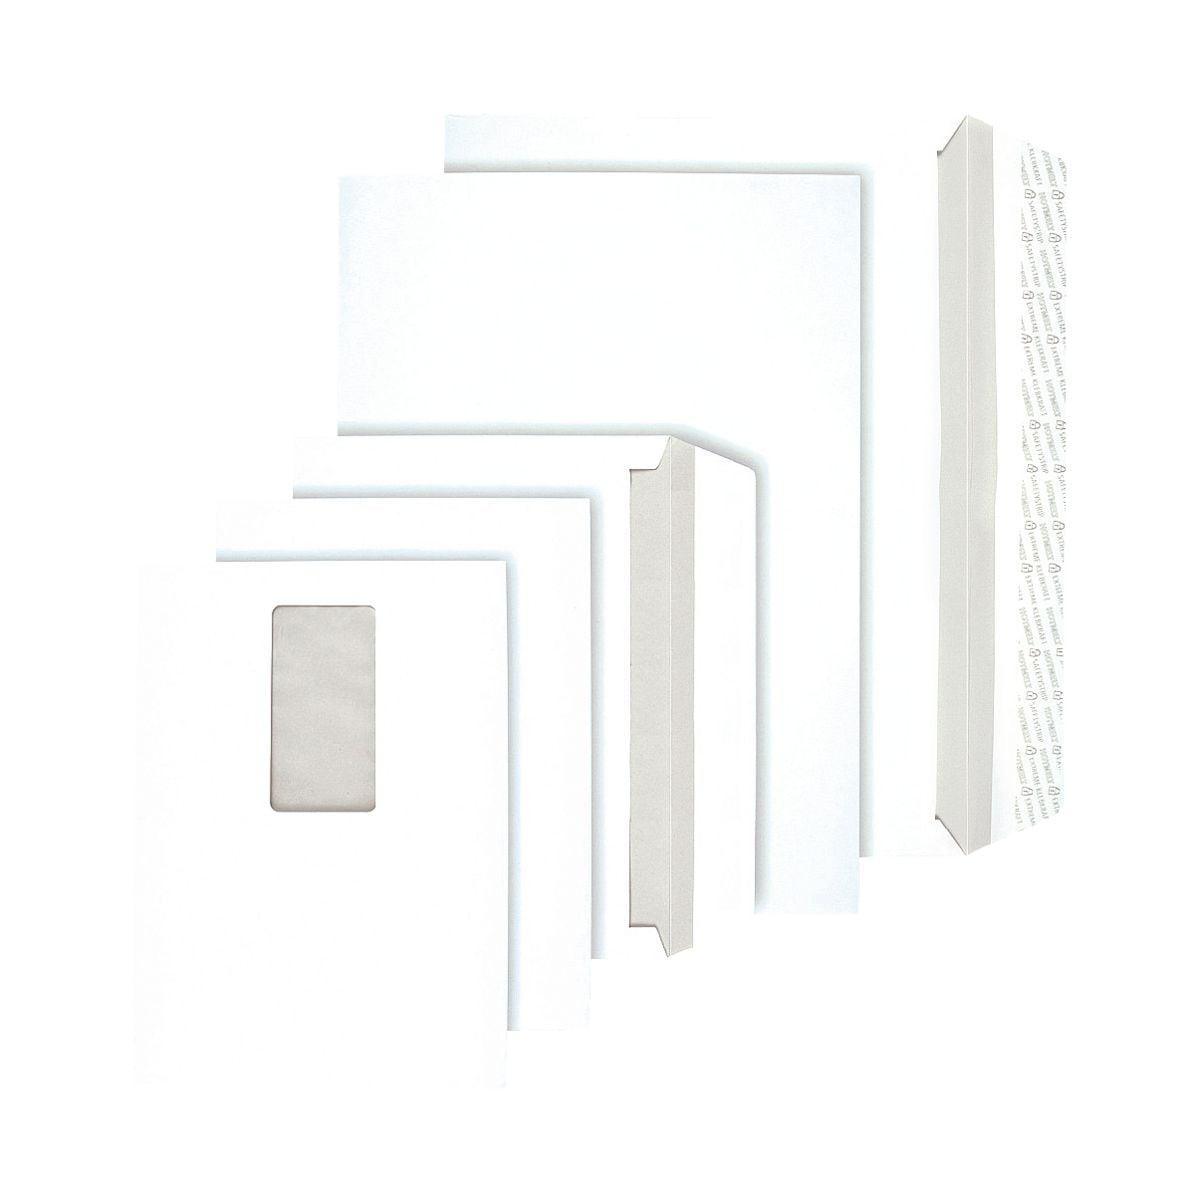 BONG 500 pochettes d'expédition à ouverture latérale, C5 90 g/m² sans fenêtre